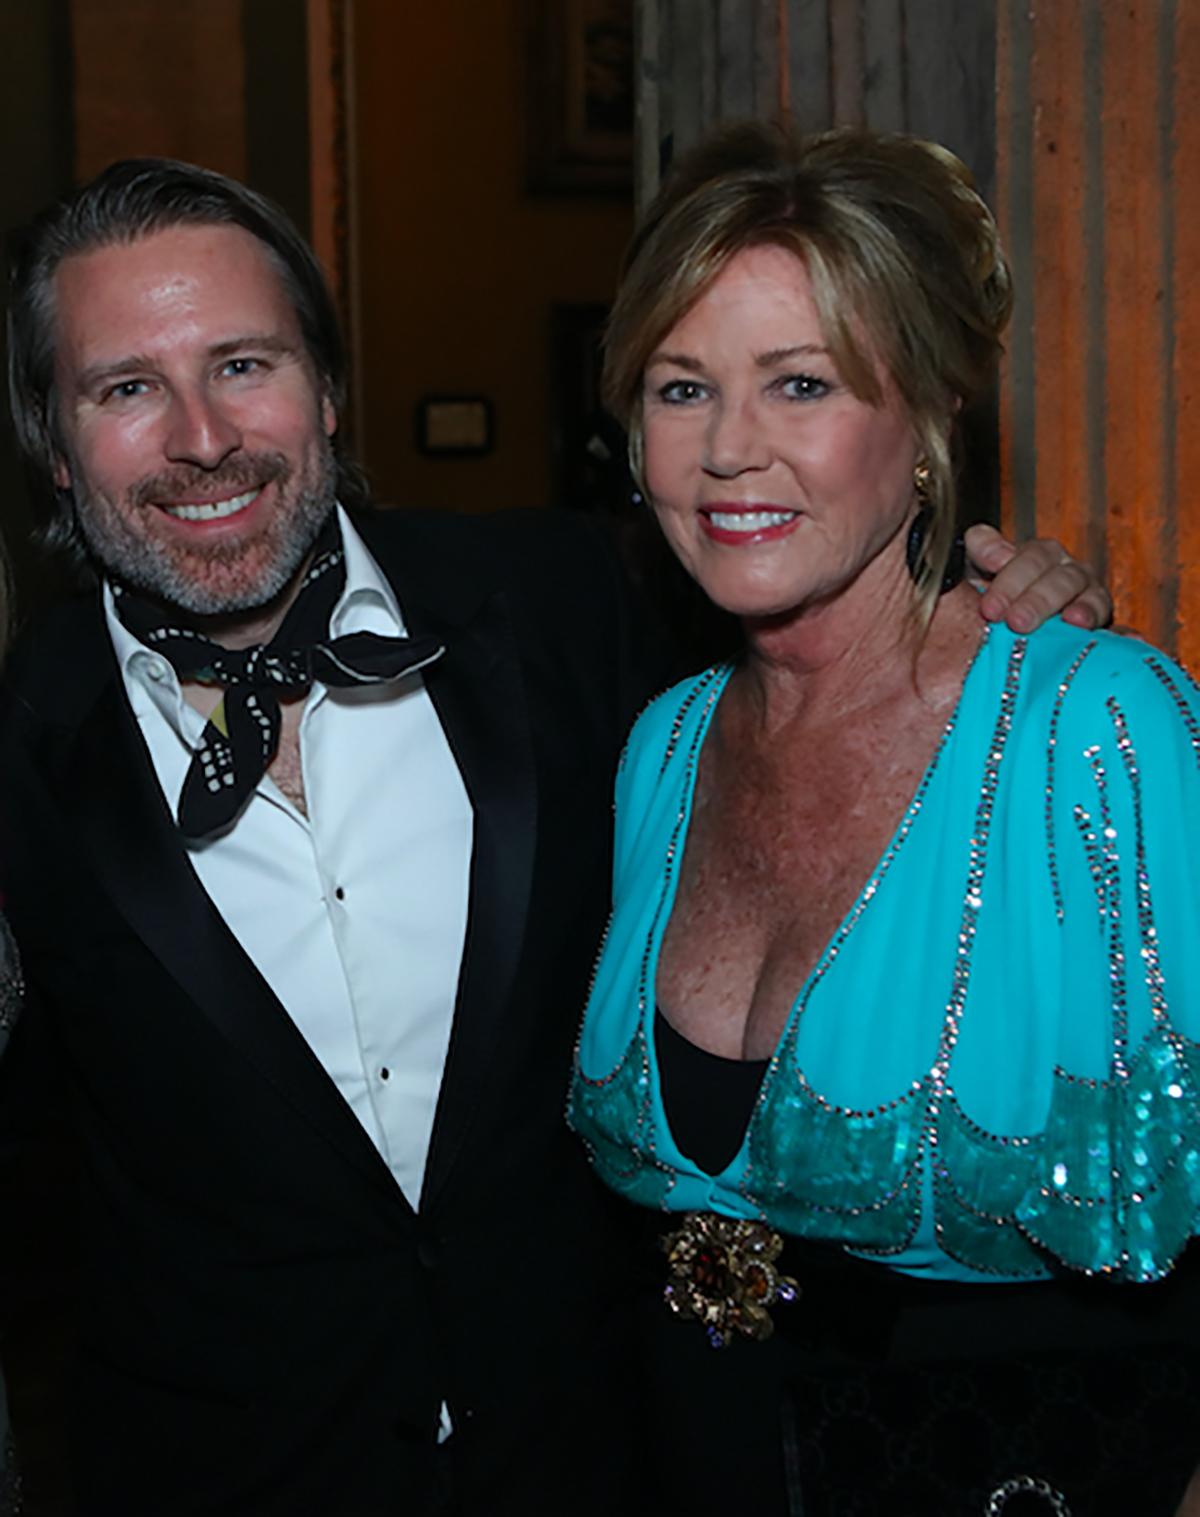 Rodman Promack and Kathy Koll